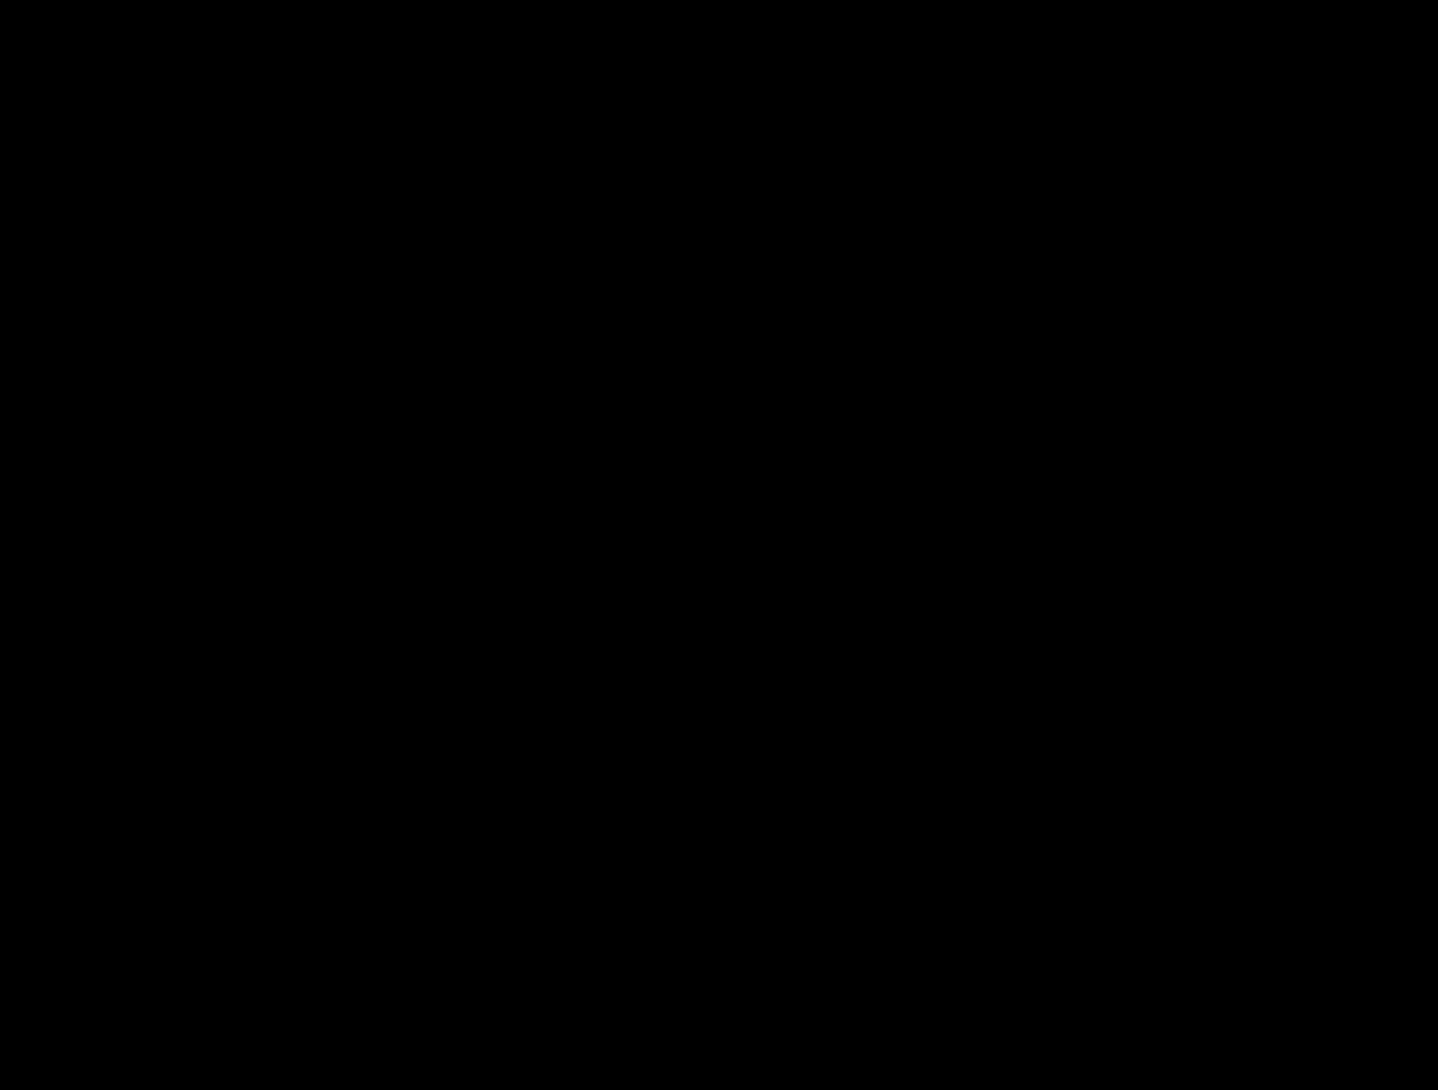 3-Fluoro-4-(phenoxycarbonylamino)benzeneboronic acid pinacol ester